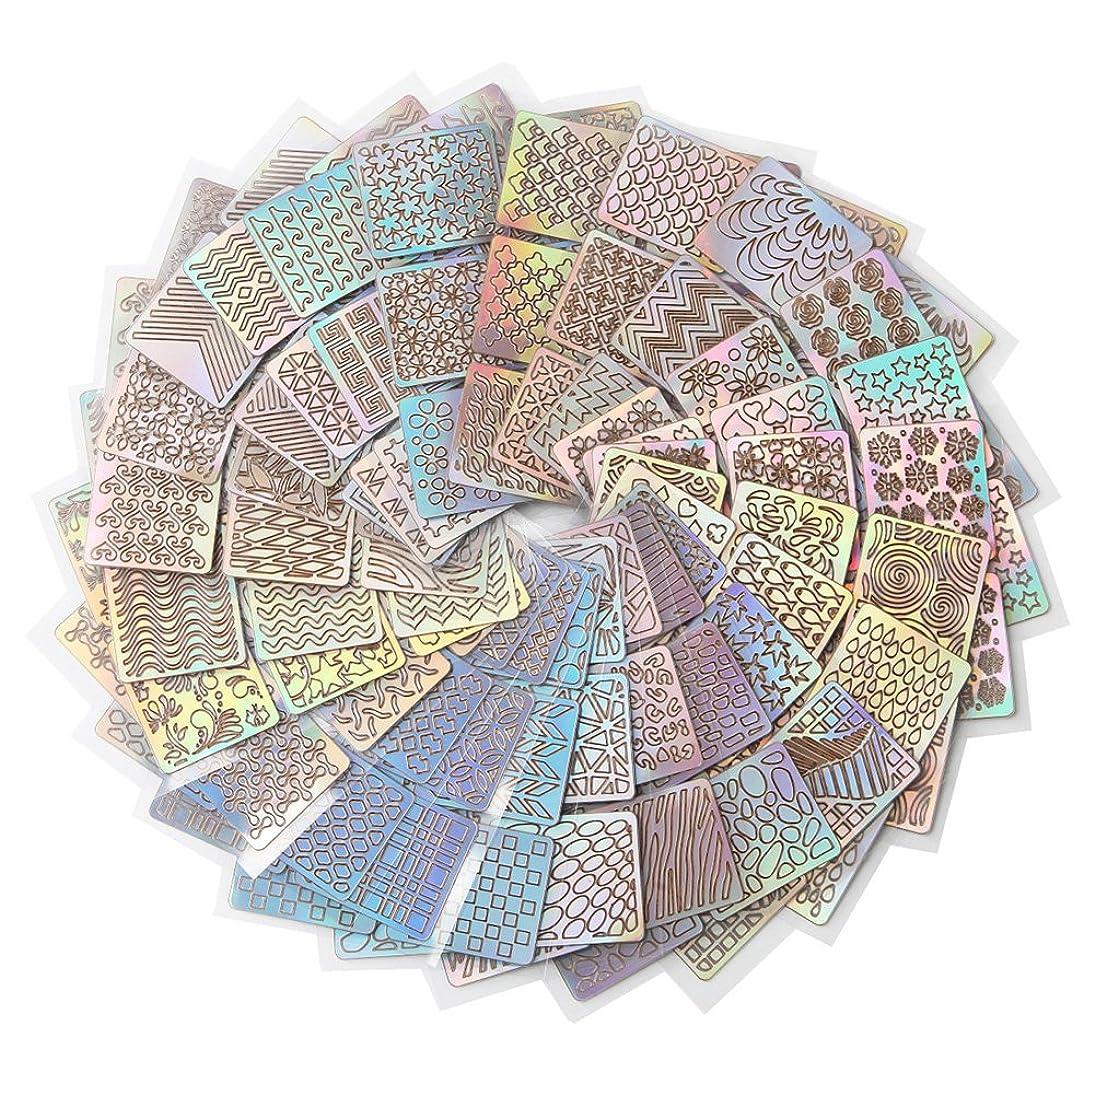 木製除去治世Demiawaking ネイル用装飾 可愛いネイル飾り テープ ネイル パーツ ネイルーシール 今年流行ネイティブ柄ネイルステッカー 24枚セット